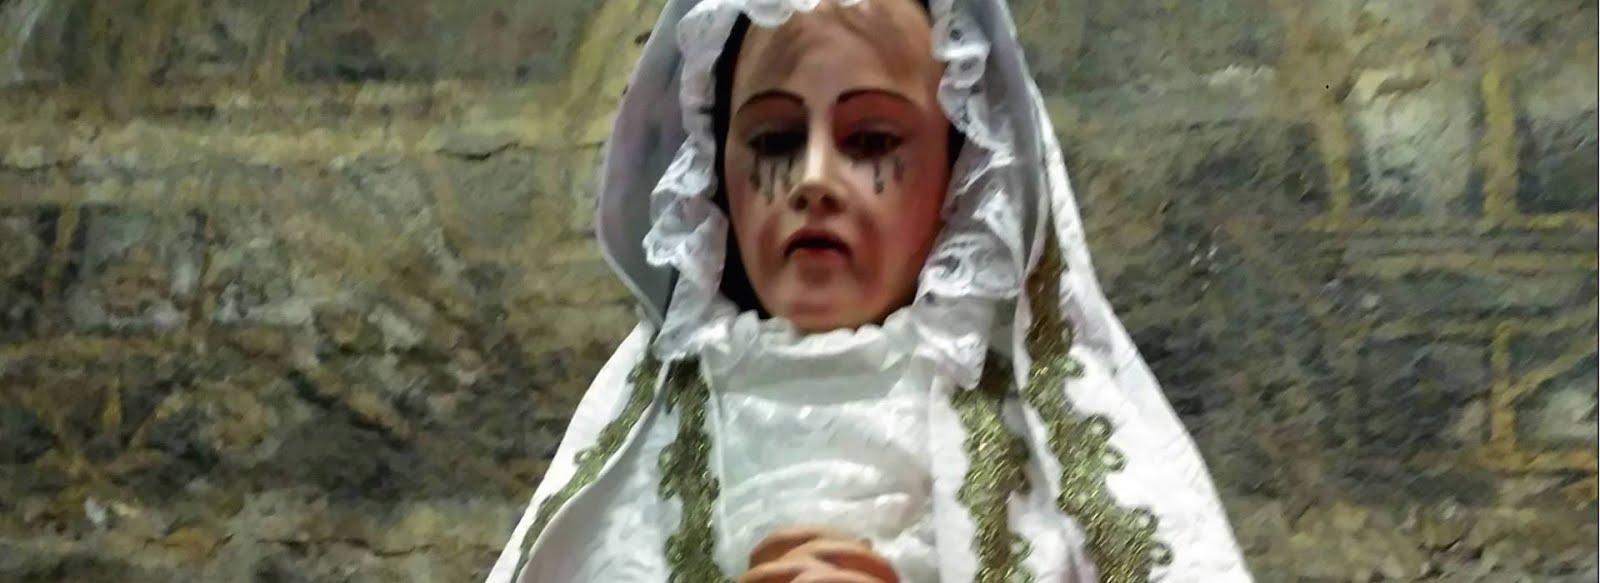 Si tomamos el camino de María, el camino del amor, abrazaremos la vida que no conoce ocaso